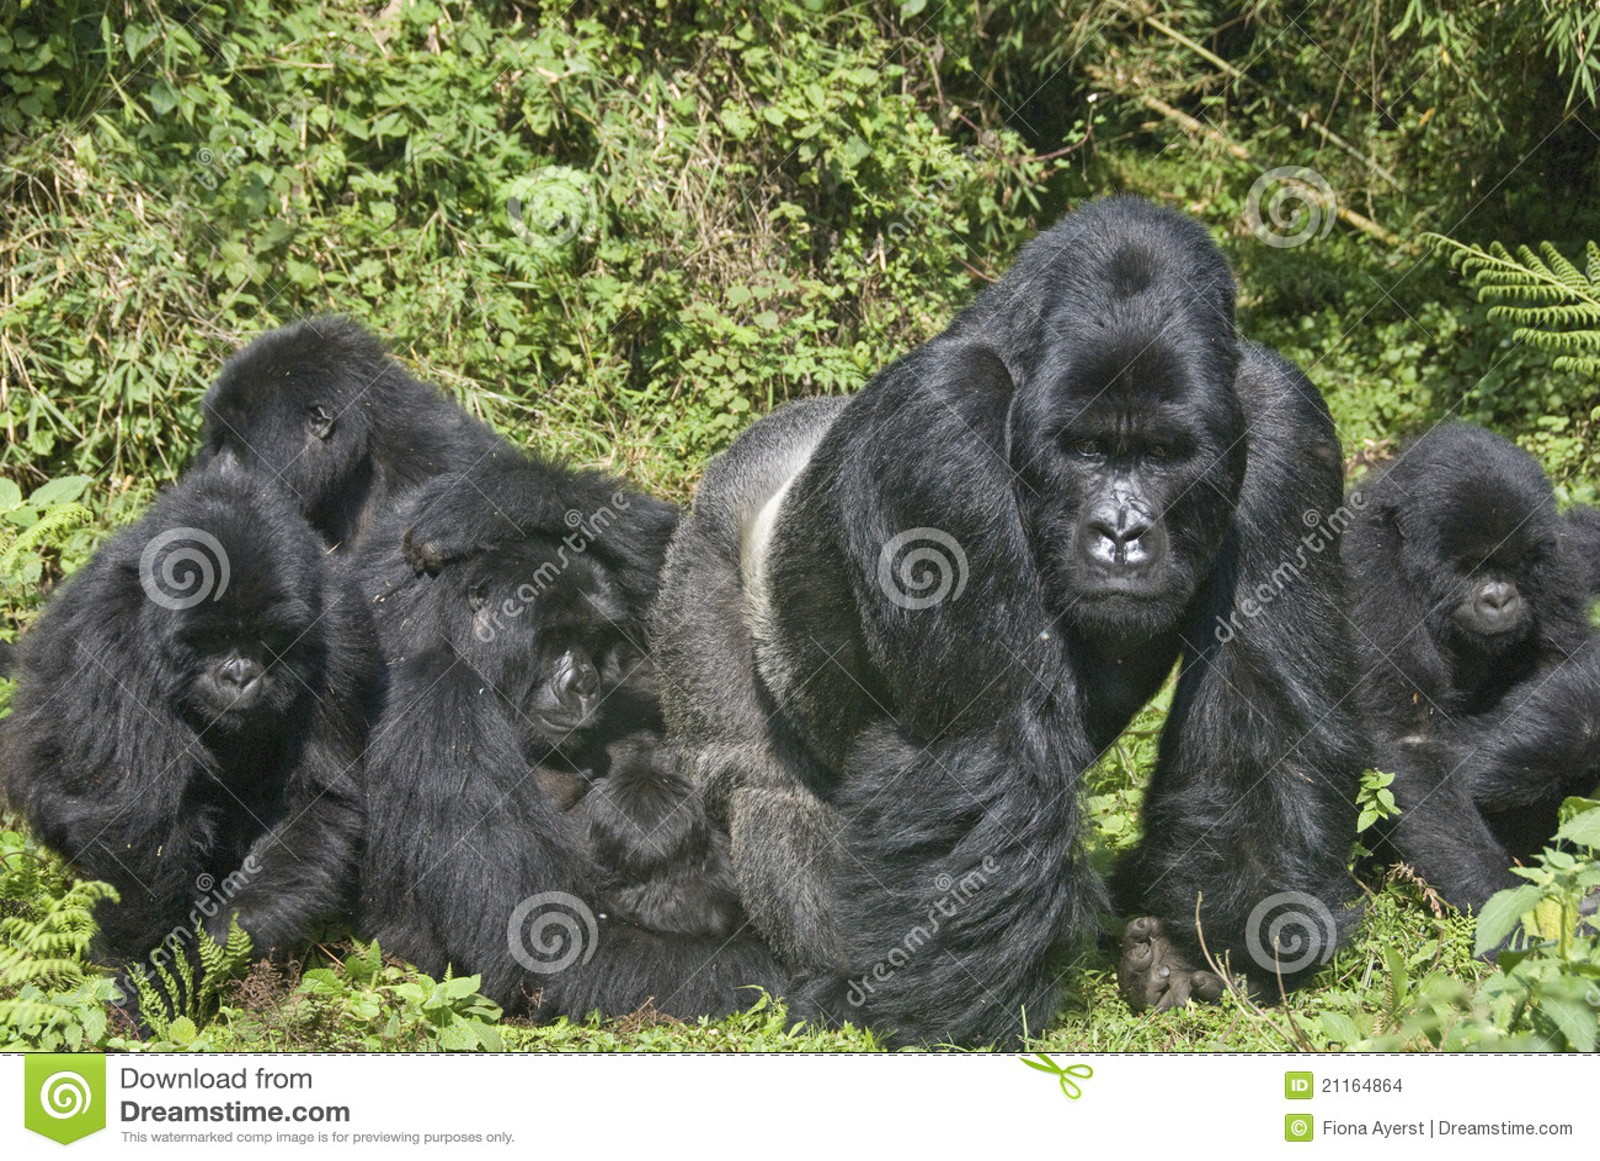 Gorilla-Familie